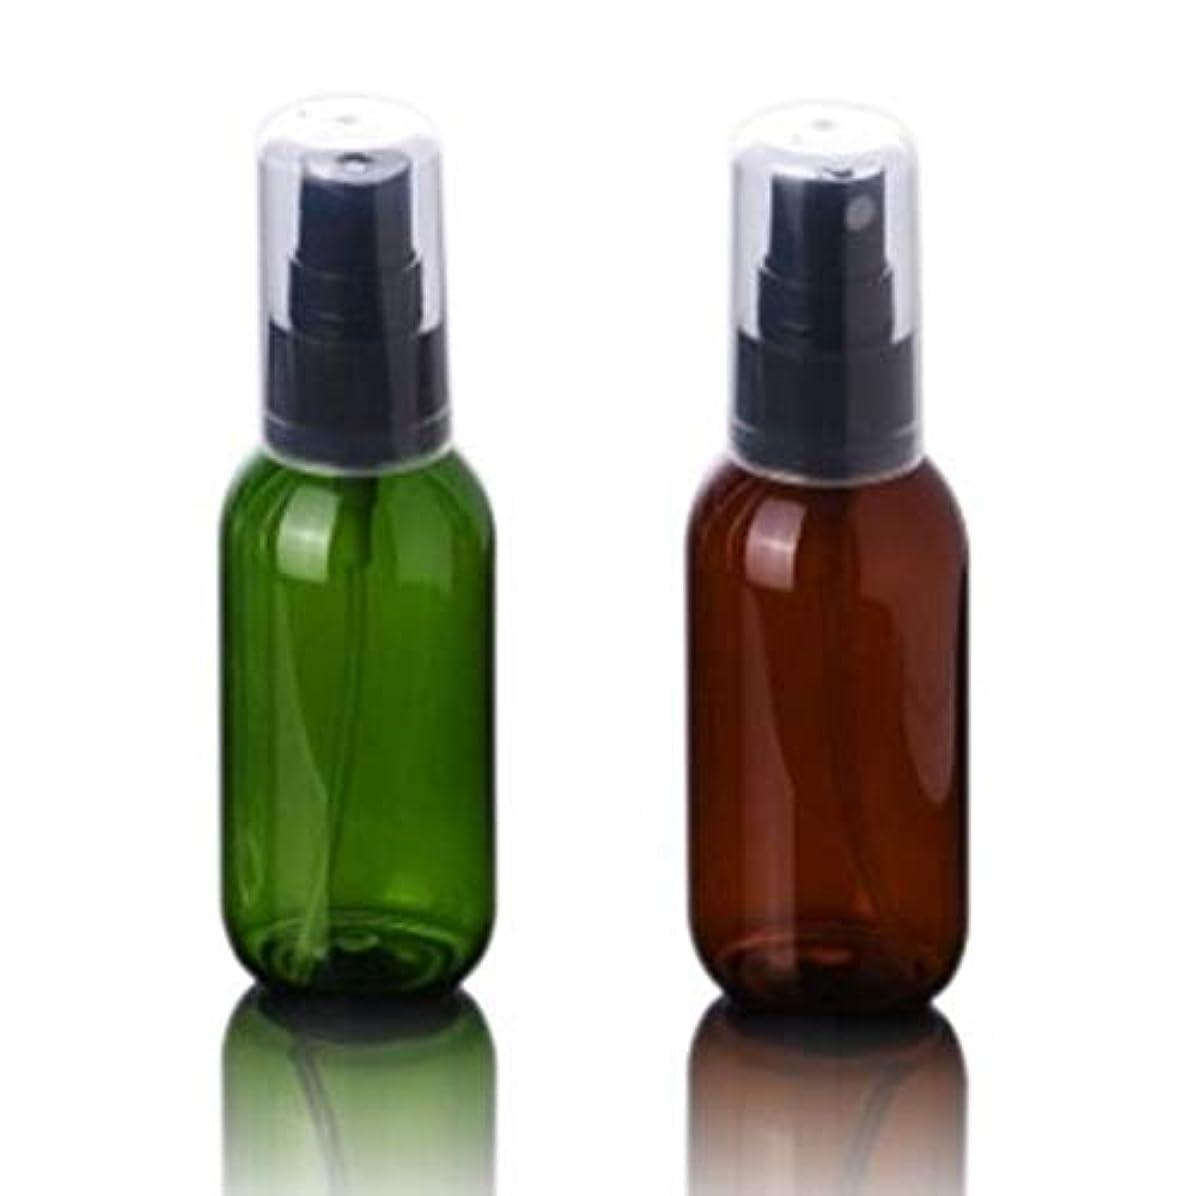 松明正しく締めるBijou Cat スプレーボトル 50ml プラスチック製本体 遮光 霧吹き 緑?茶色 2本セット